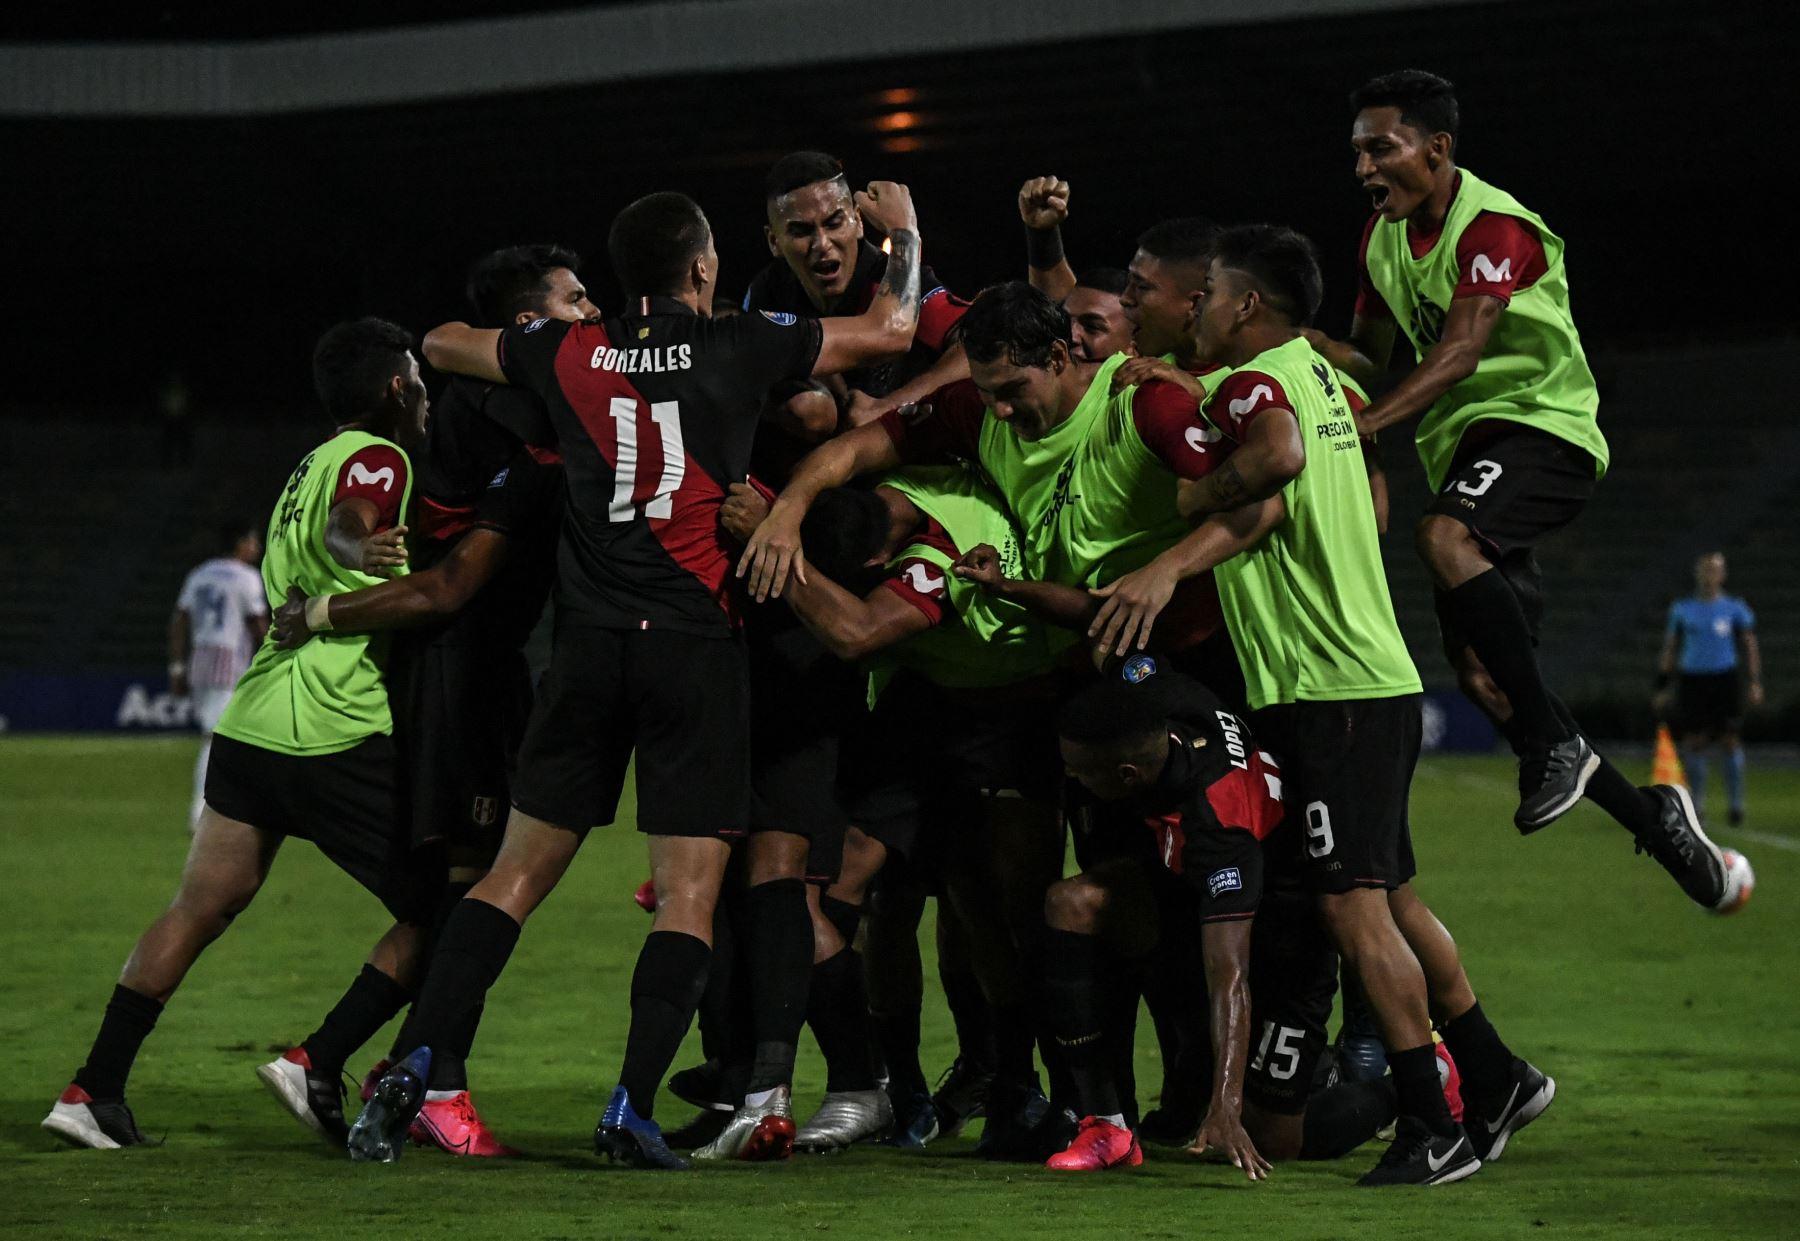 Los jugadores de Perú celebran su tercer gol, un gol en propia meta del defensa paraguayo Santiago Arzamendia, durante su partido de fútbol del Torneo Preolímpico Sudamericano Sub-23 en el Estadio Centenario en Armenia, Colombia.Foto:AFP